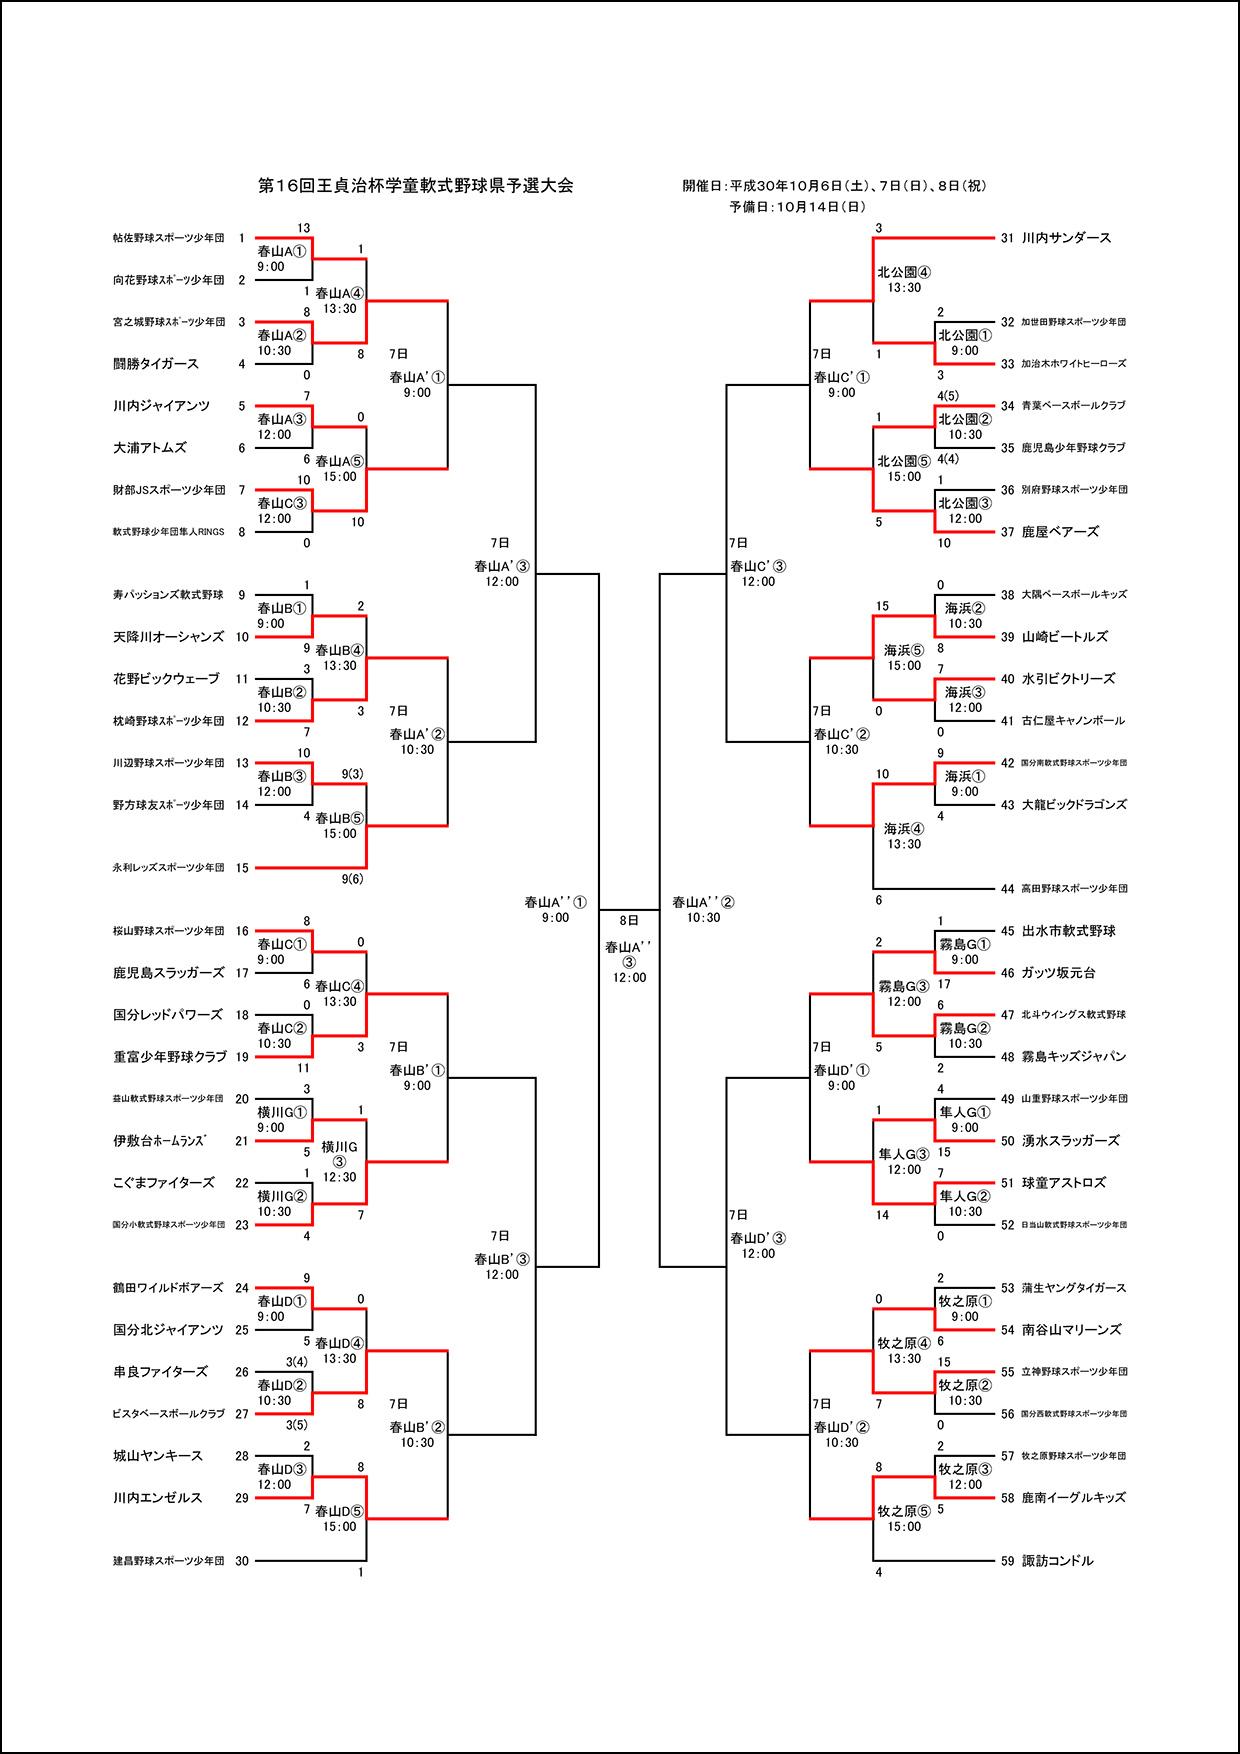 【一日目】第16回王貞治杯学童軟式野球県予選大会